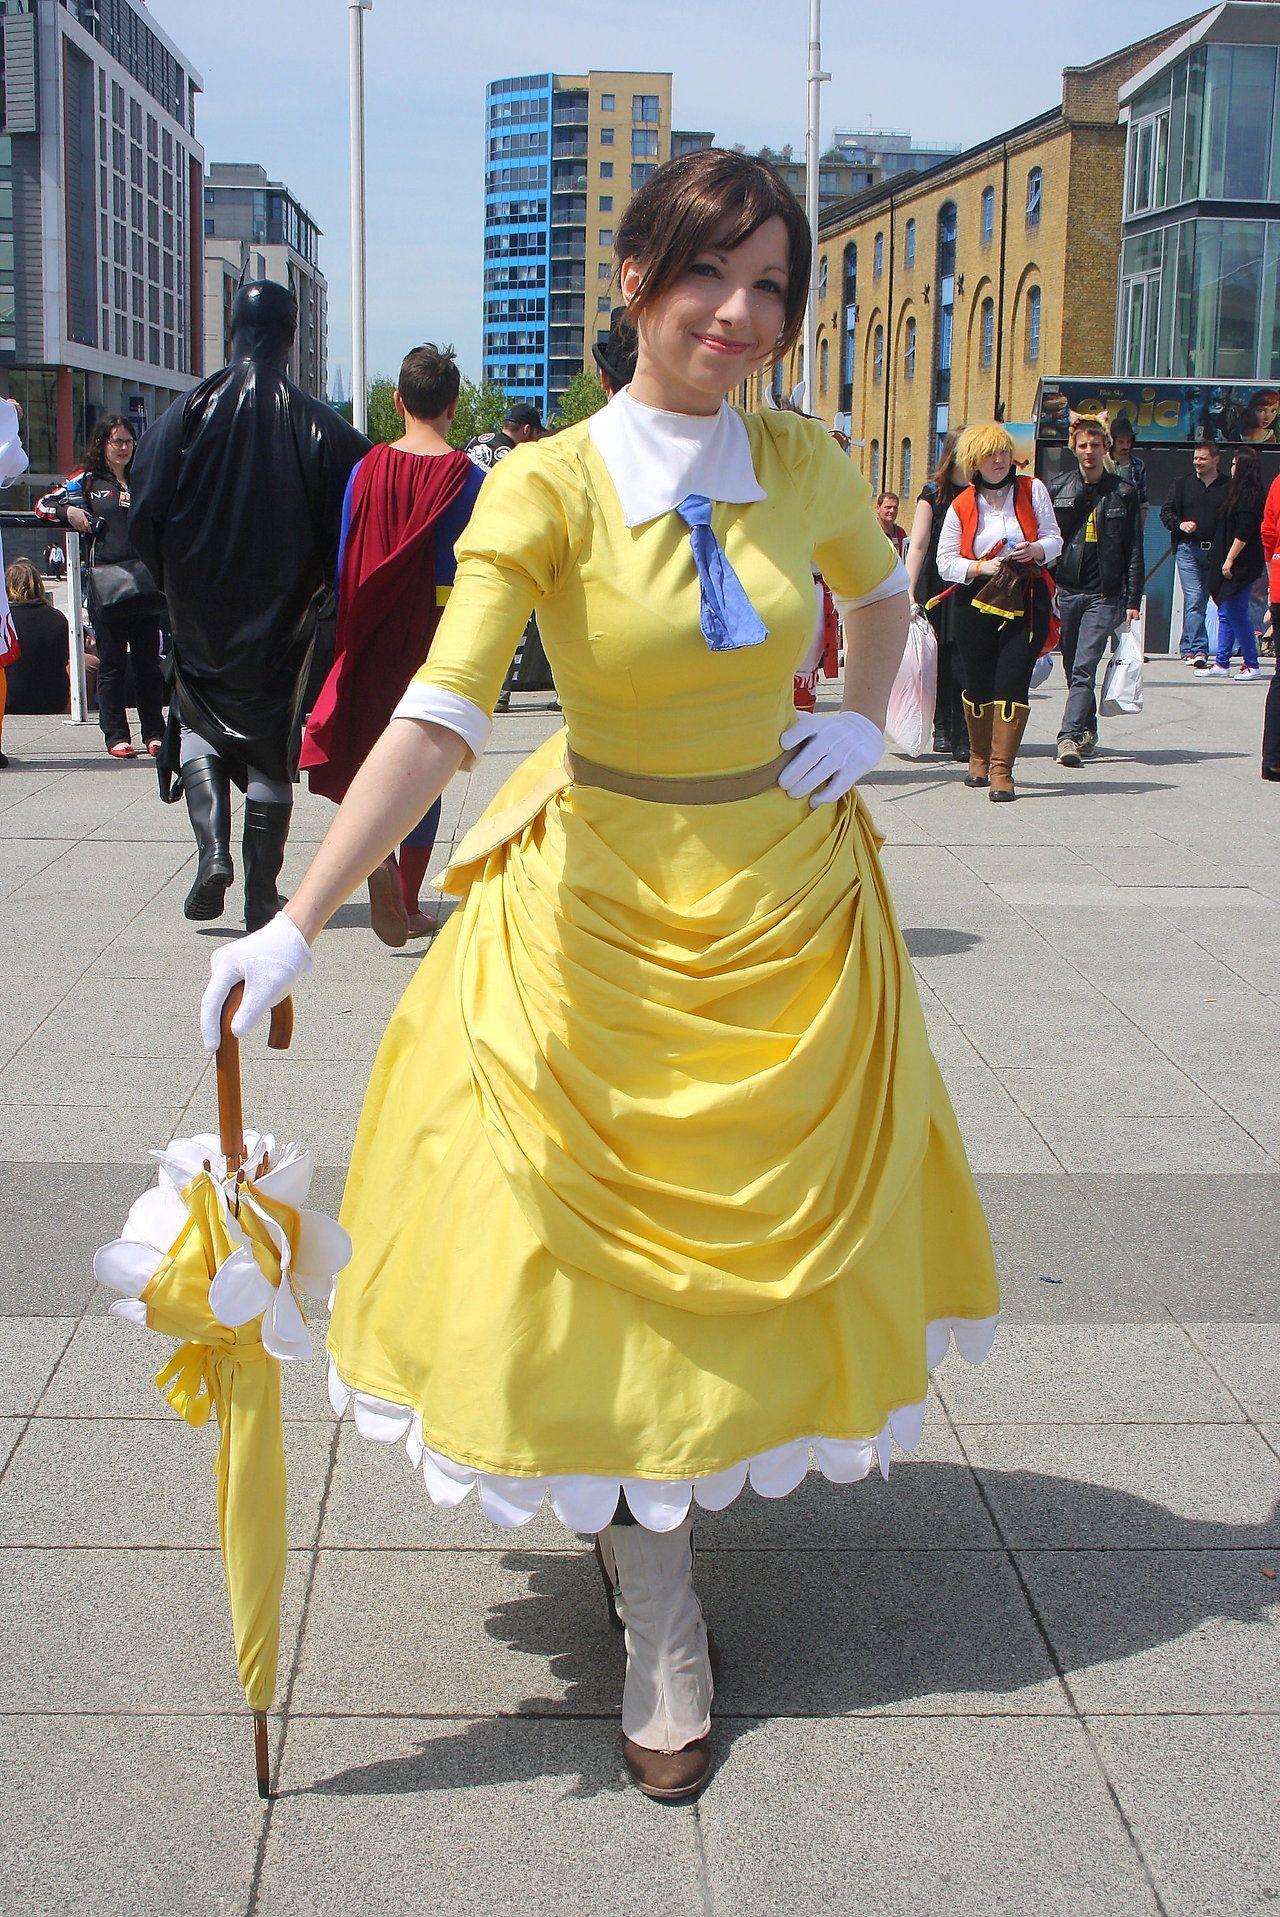 Jane from tarzan cosplay